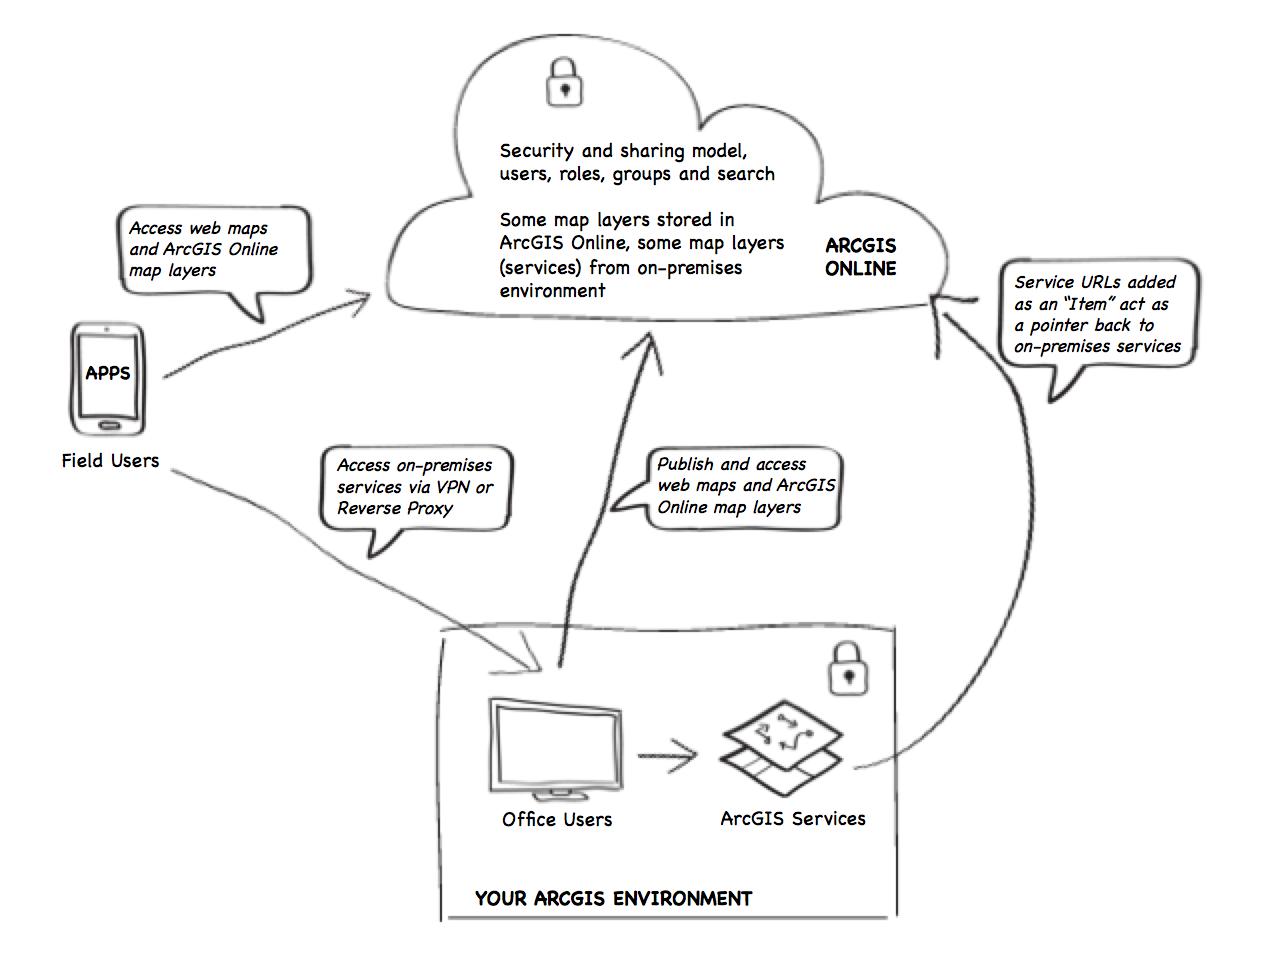 Hybrid ArcGIS Online Deployment Architecture